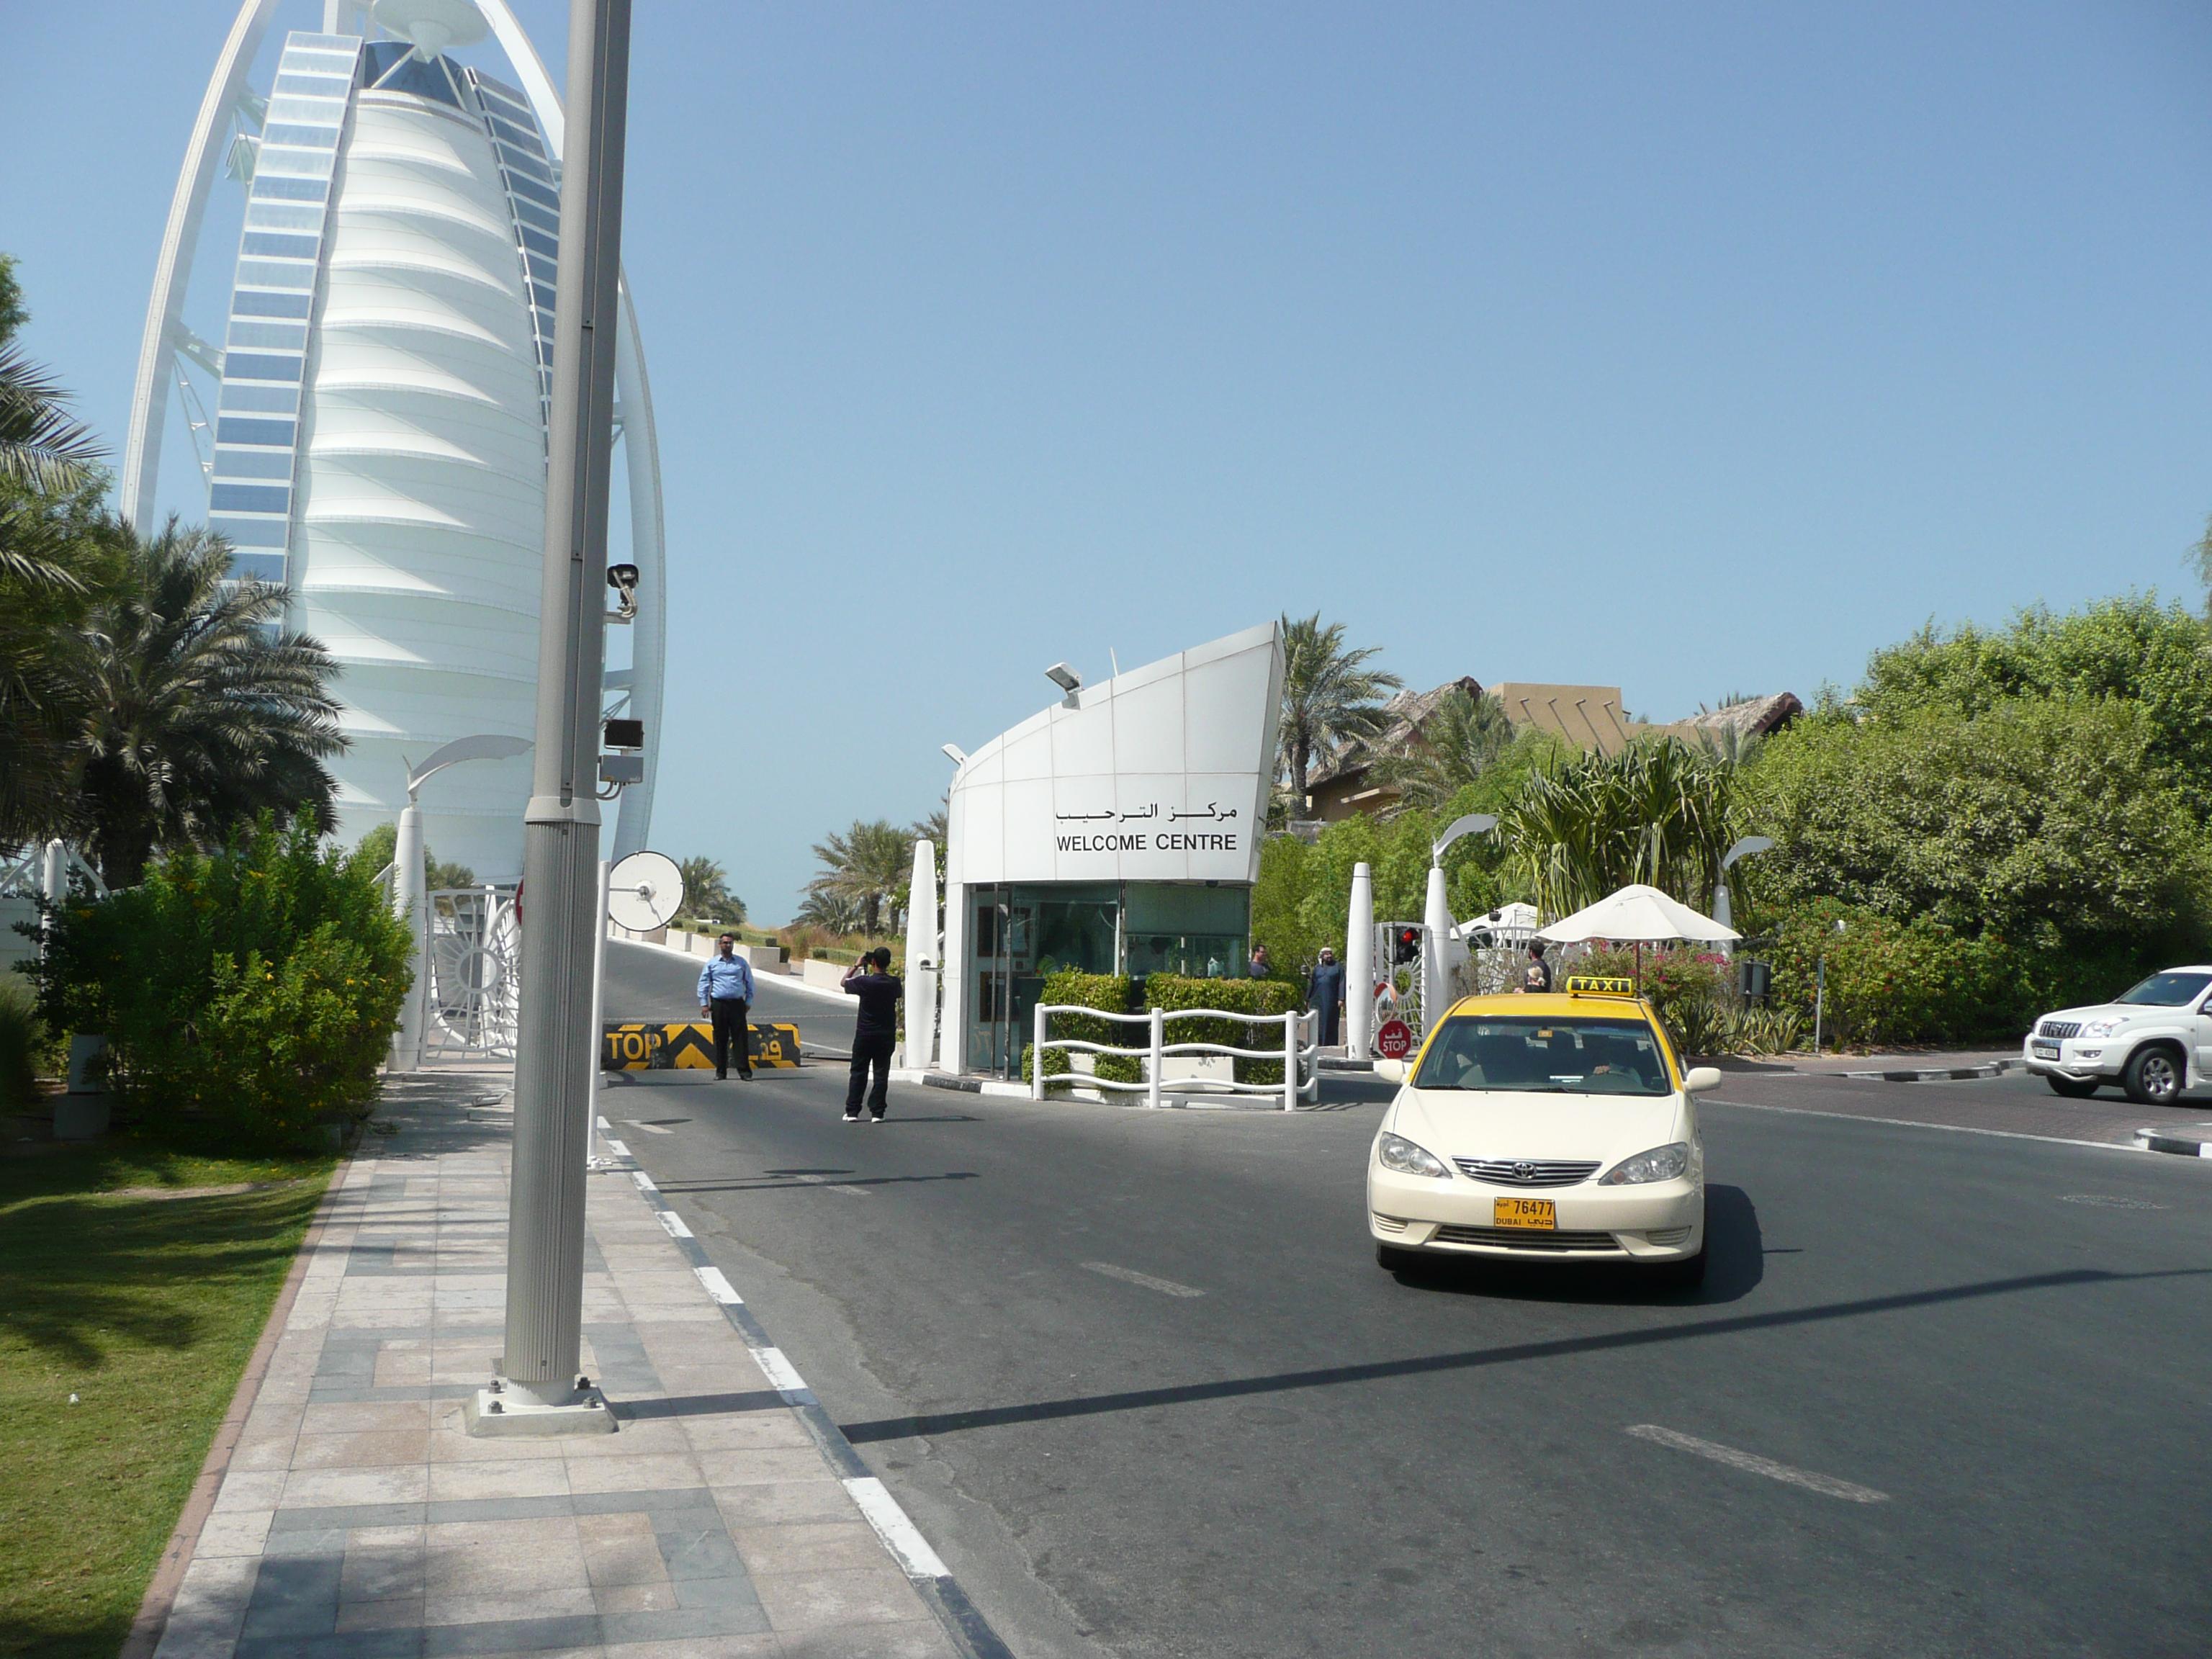 Burj Al Arab Hotel Rooms Price